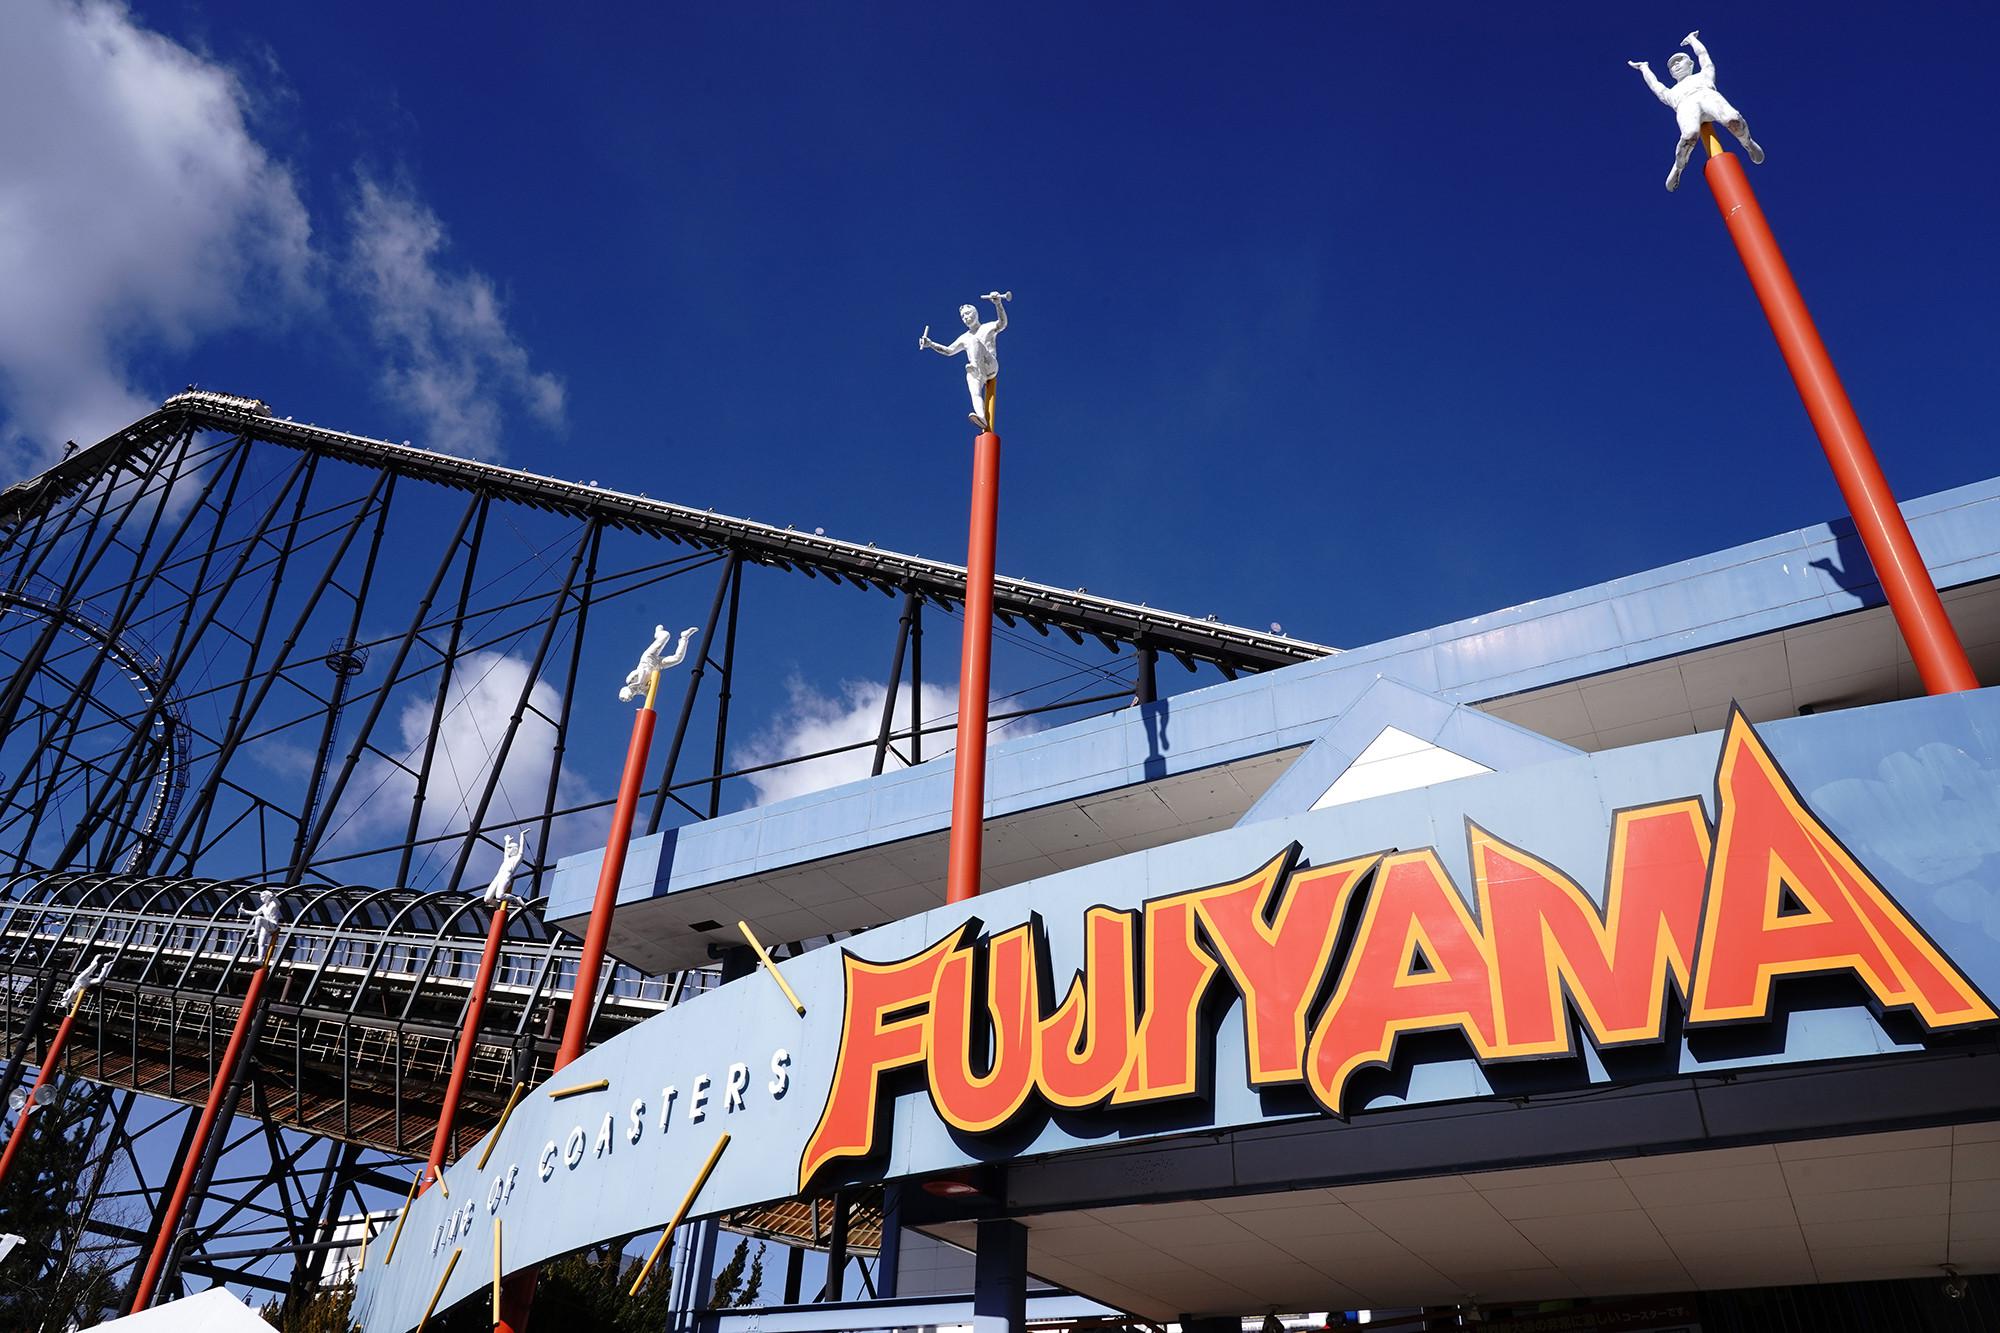 【まとめ】富士急ハイランドのアトラクション全24種類!怖さ・人気度・料金・ランキングも